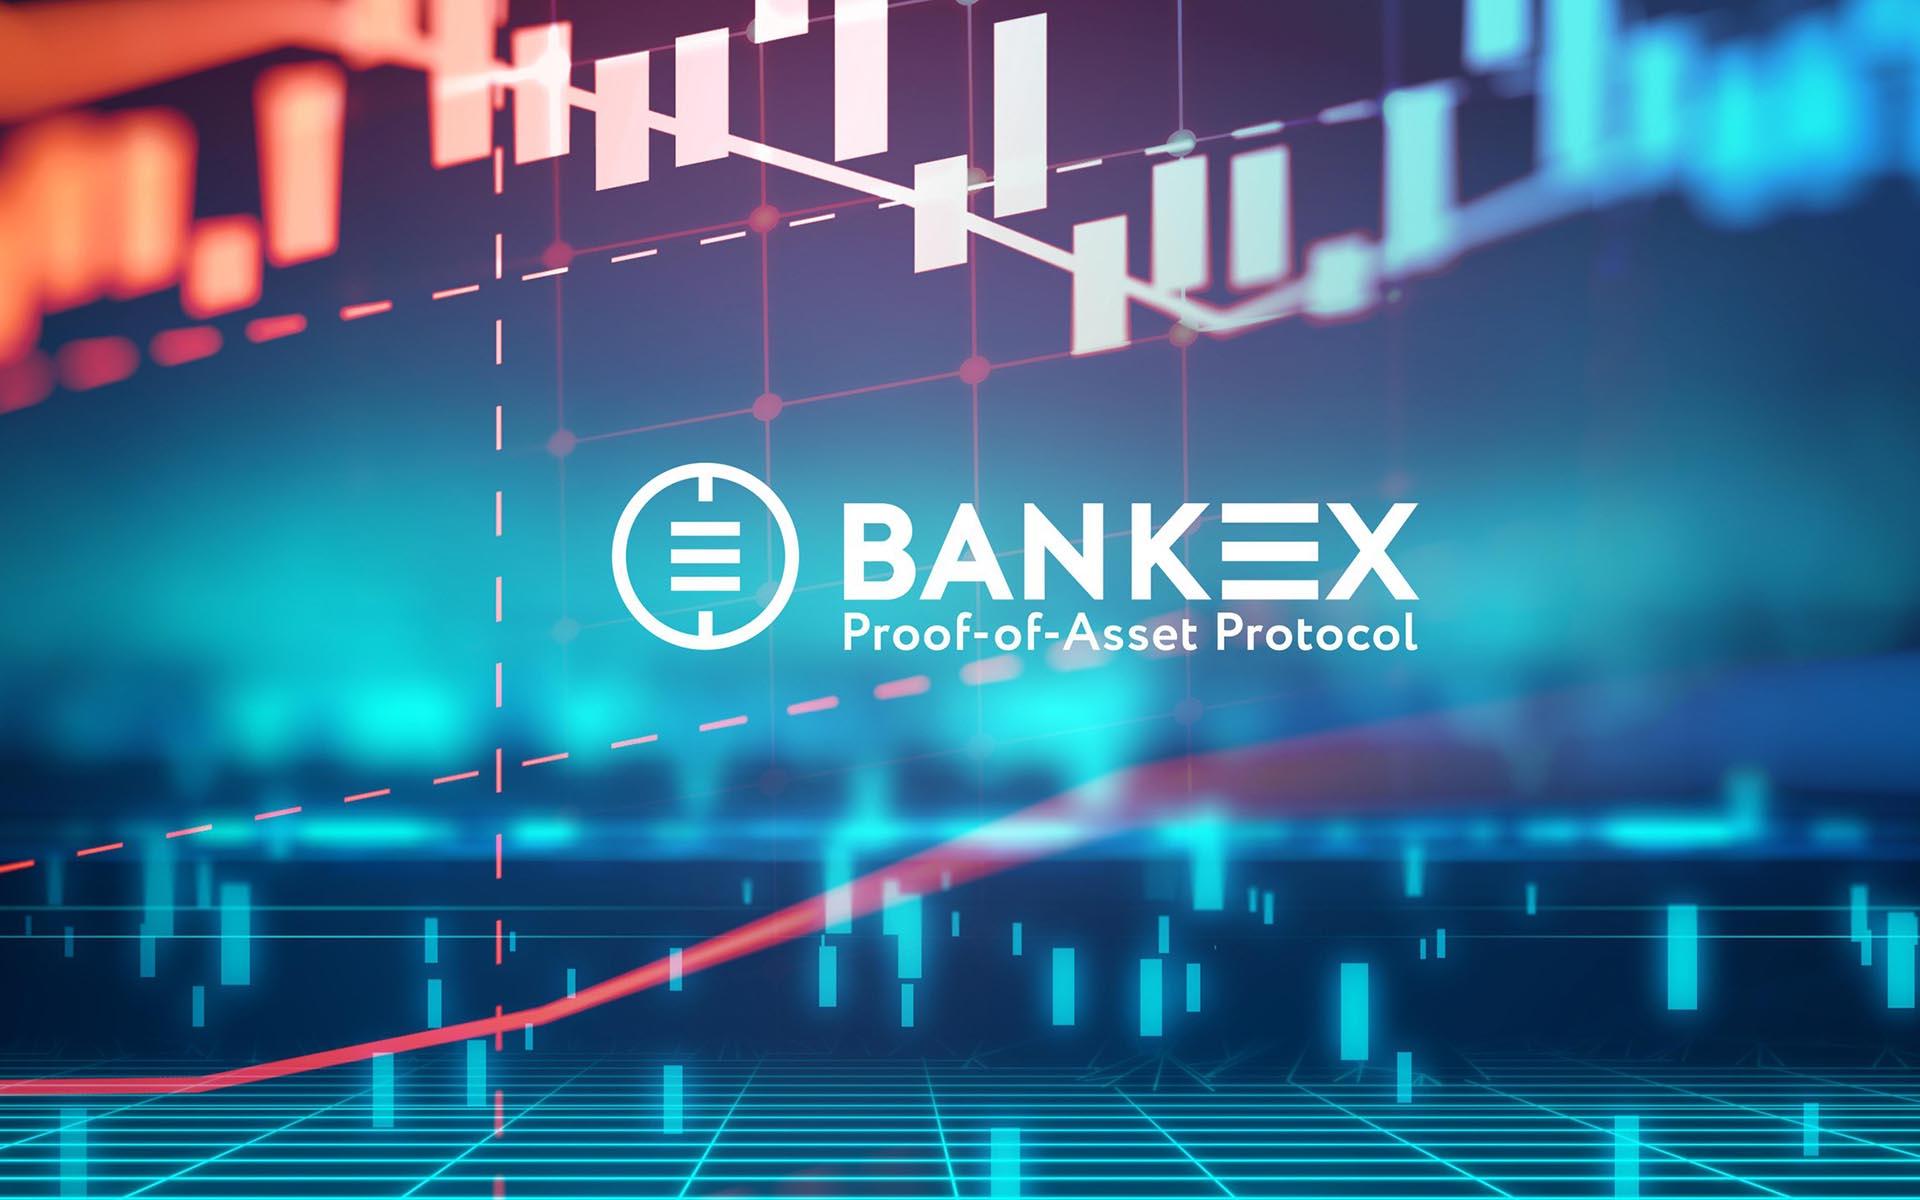 BANKEX Token Listed on Bittrex